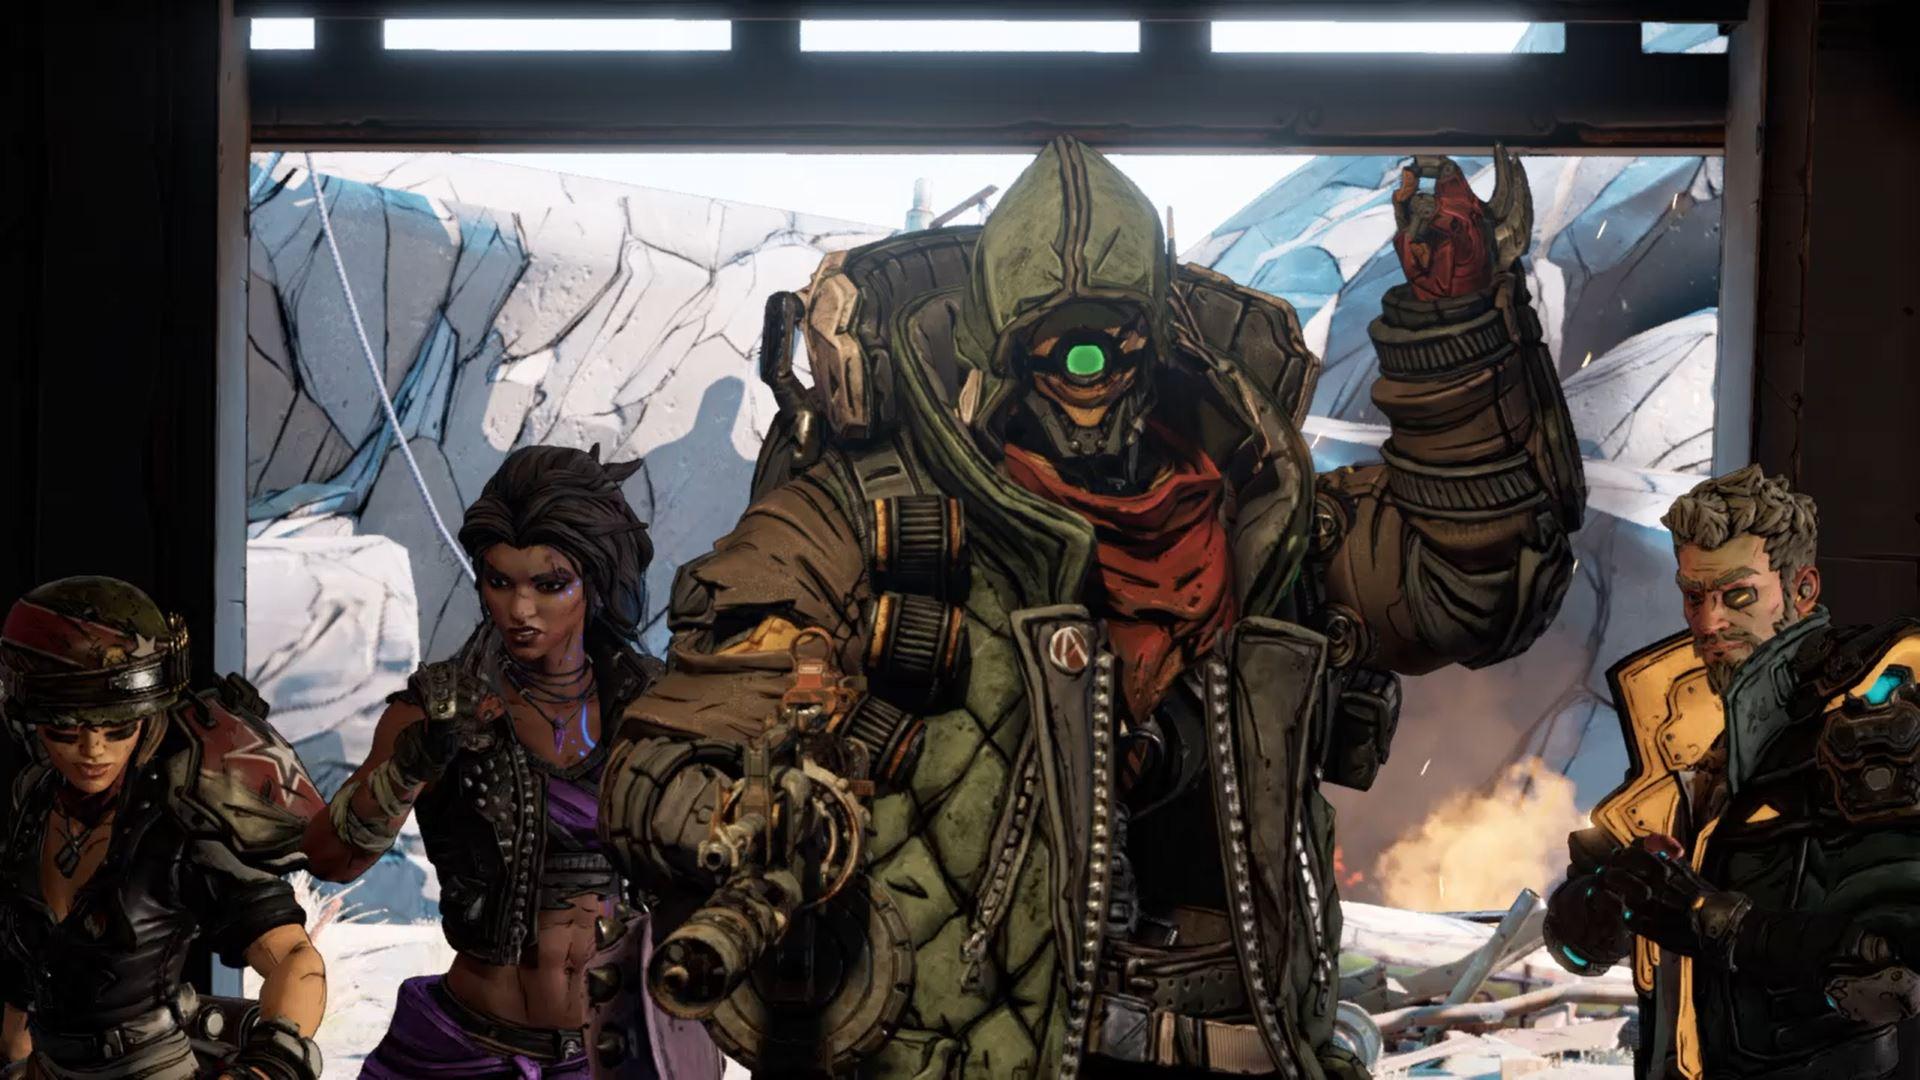 Review: Borderlands 3 Kembalikan Nostalgia First-Person Shooter Menyeronokkan Tetapi Tidak Kesampaian